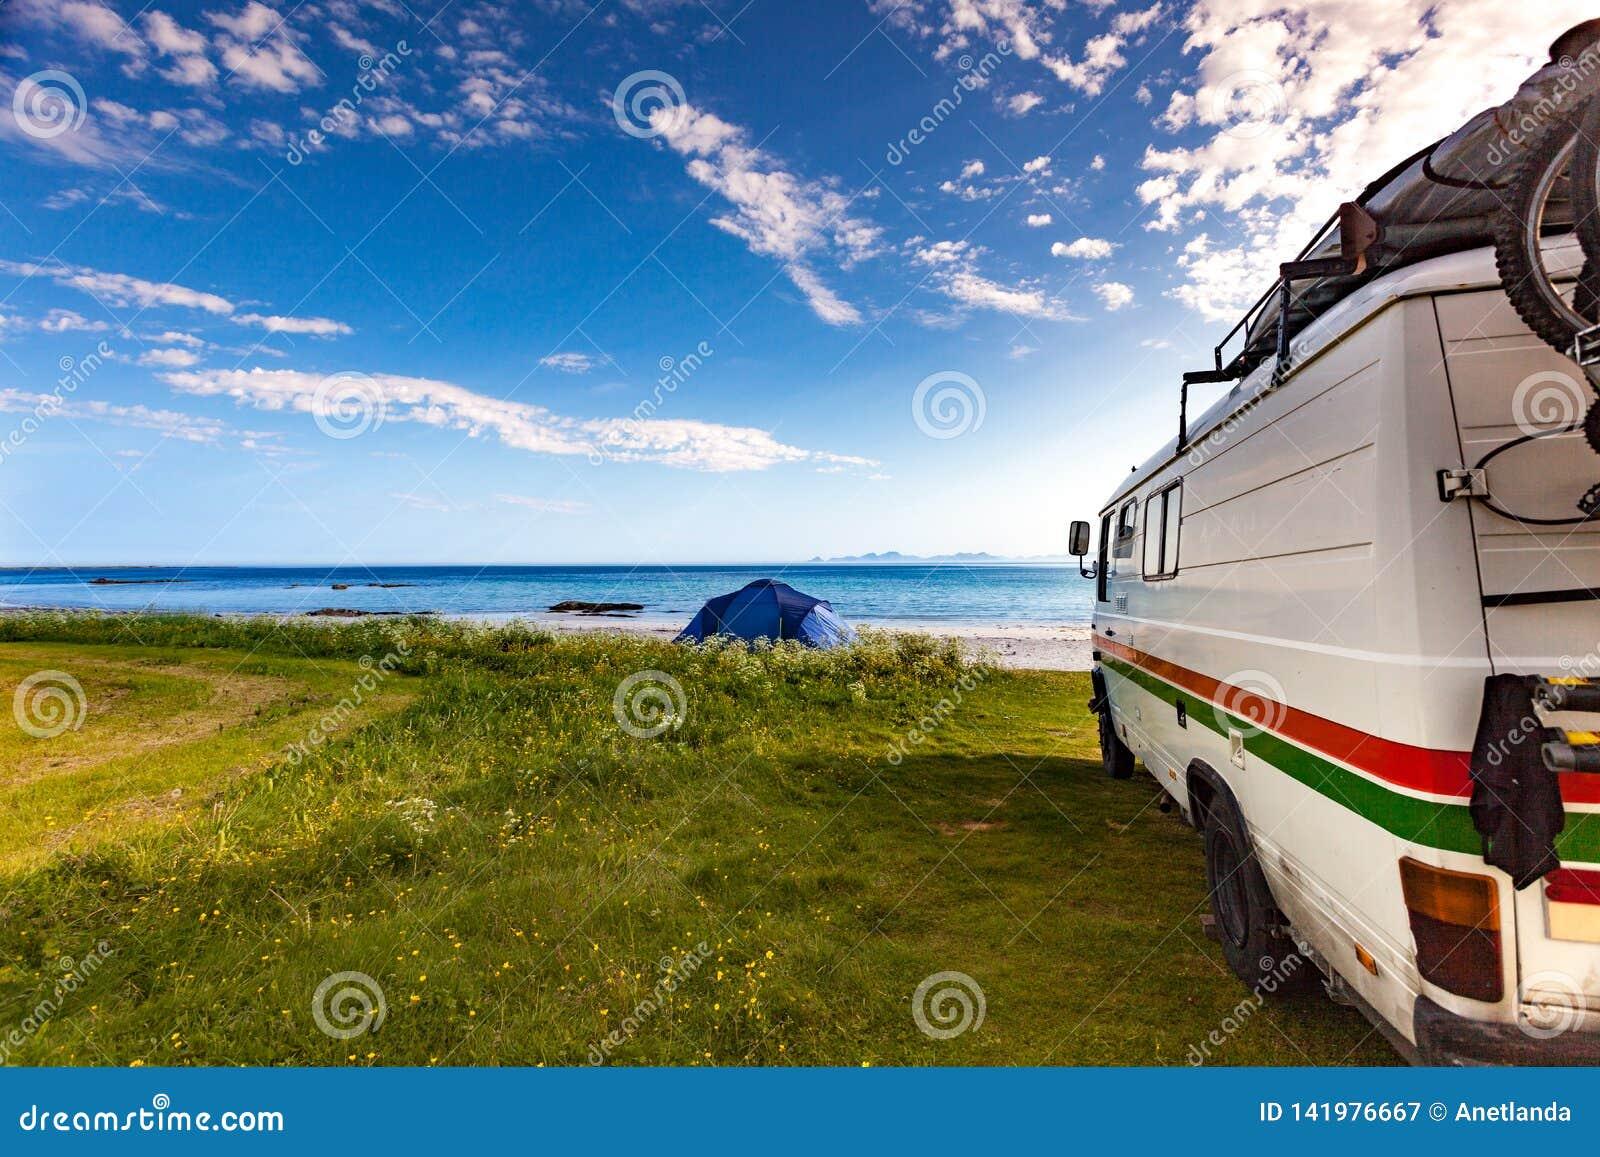 Camper van and tent on beach, Lofoten Norway